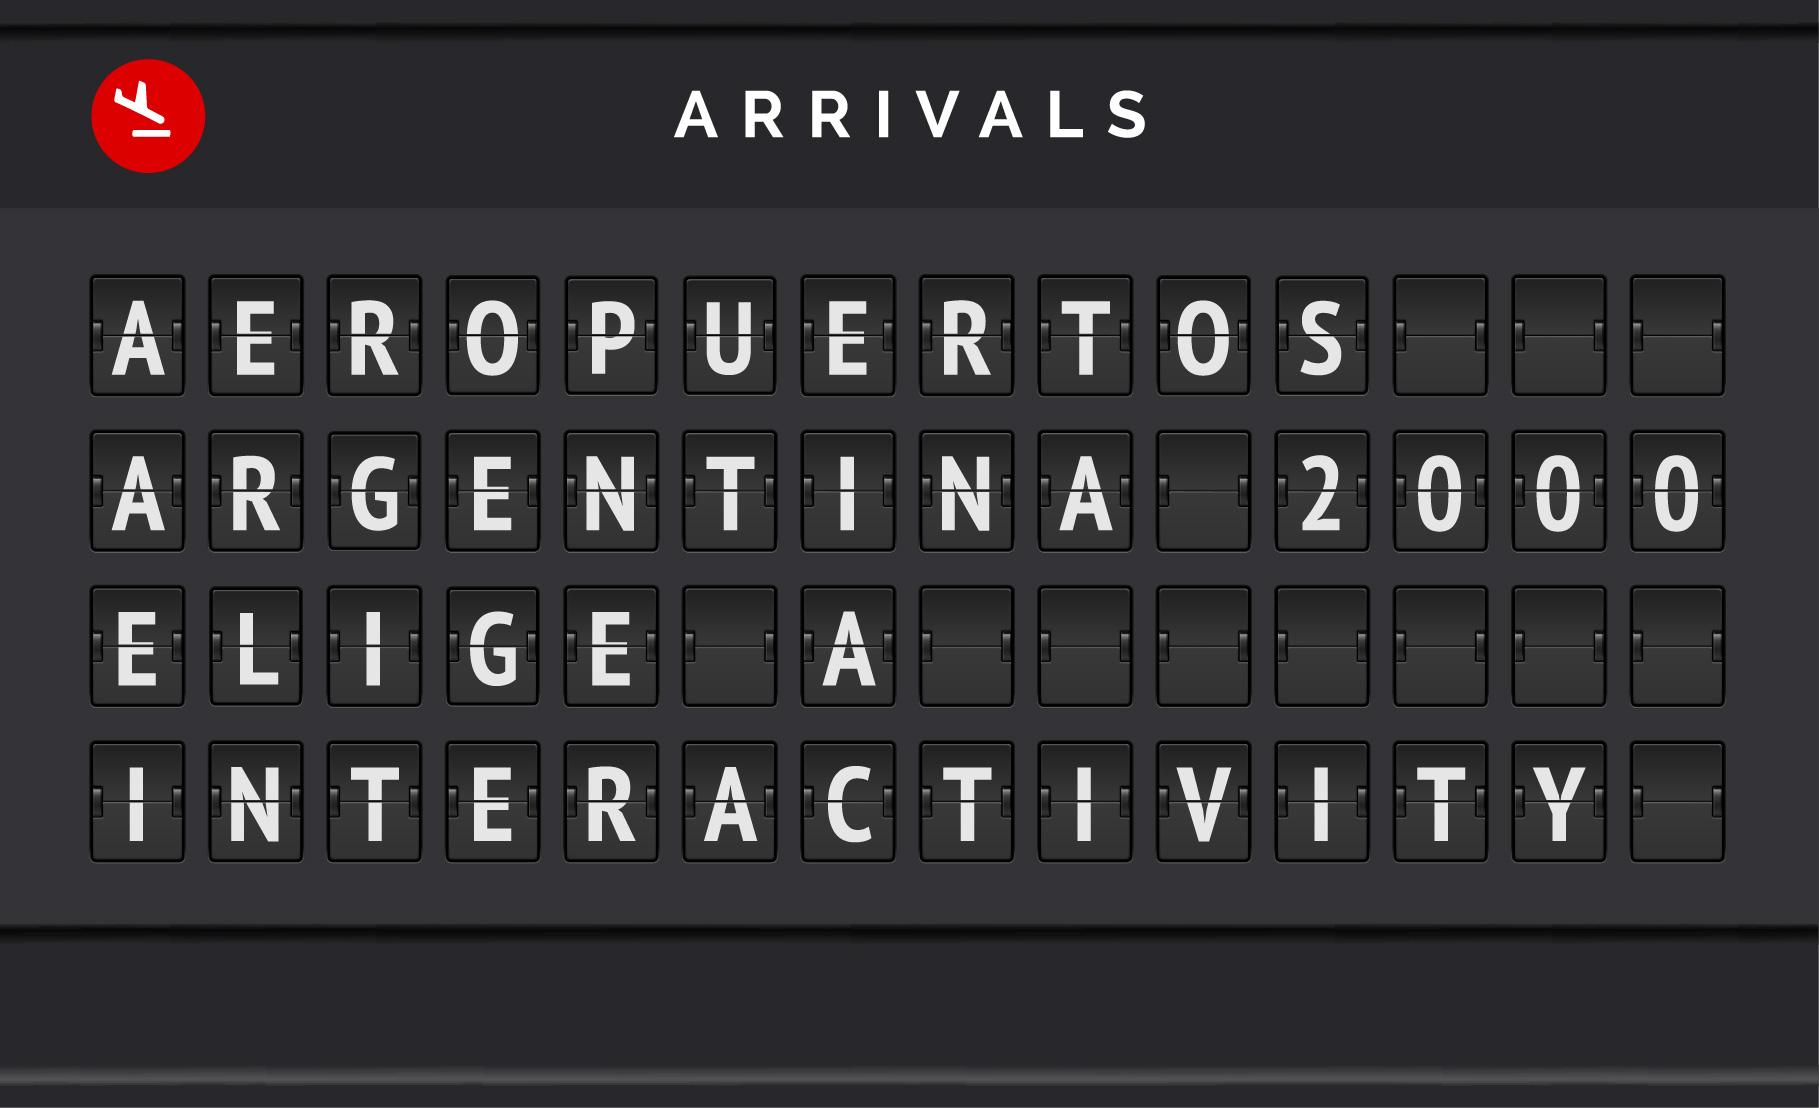 Interactivity es la nueva agencia de Marketing Online de Aeropuertos Argentina 2000